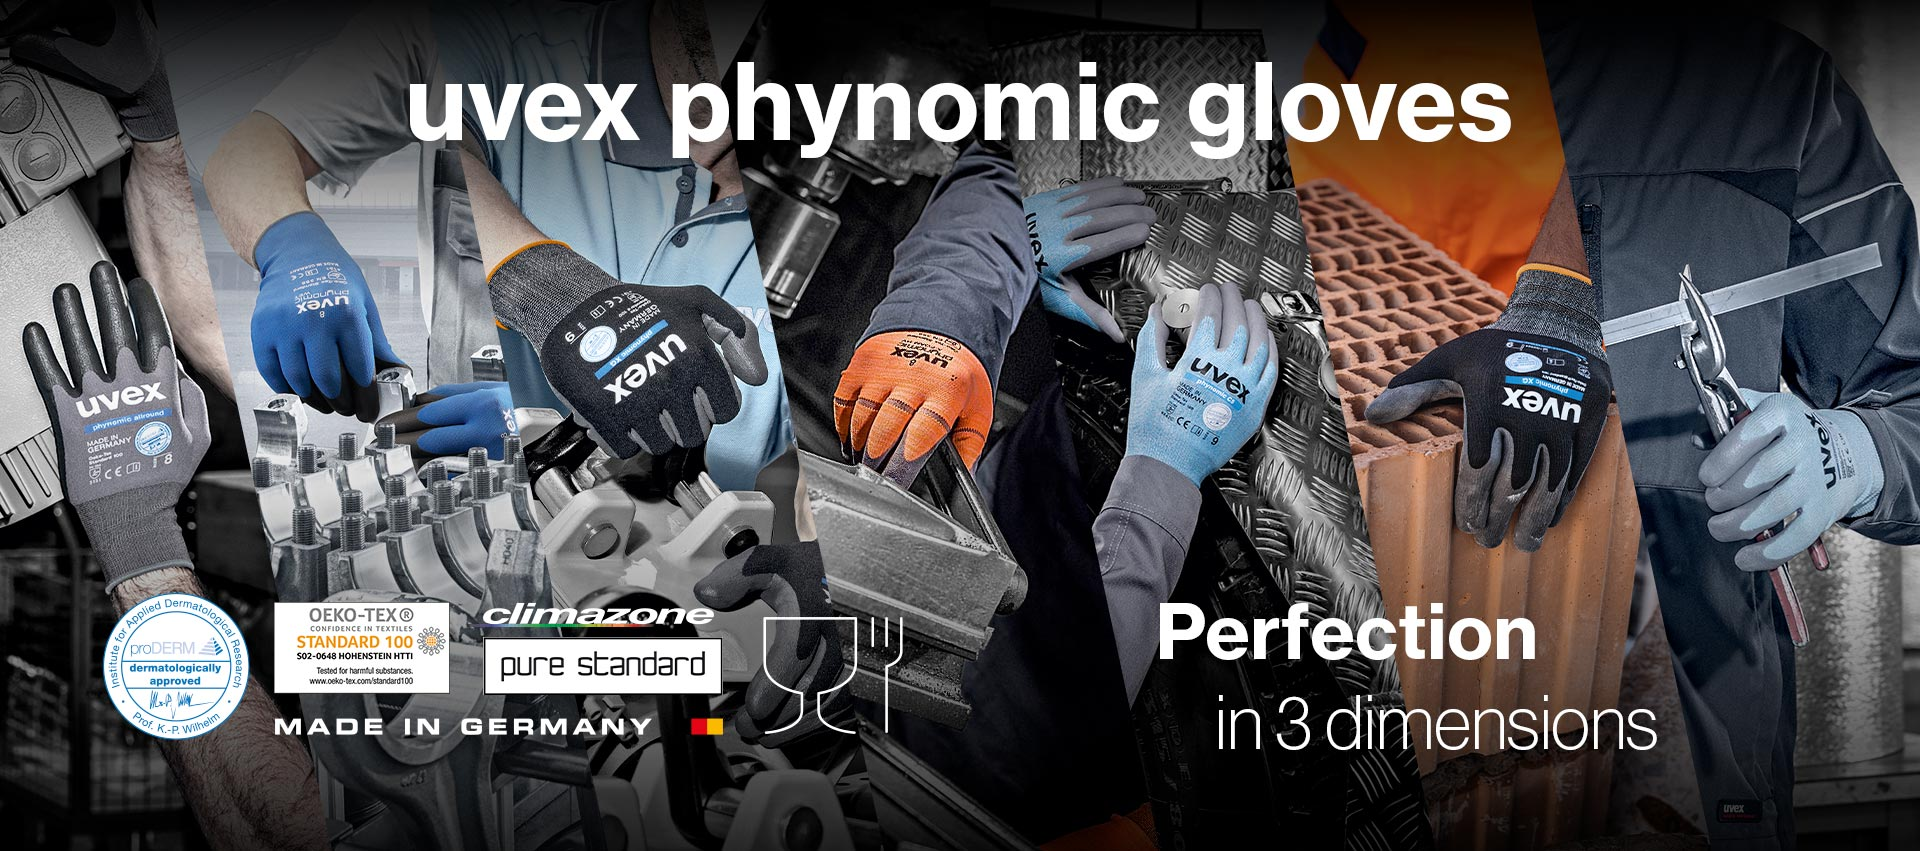 uvex phynomic safety glove range